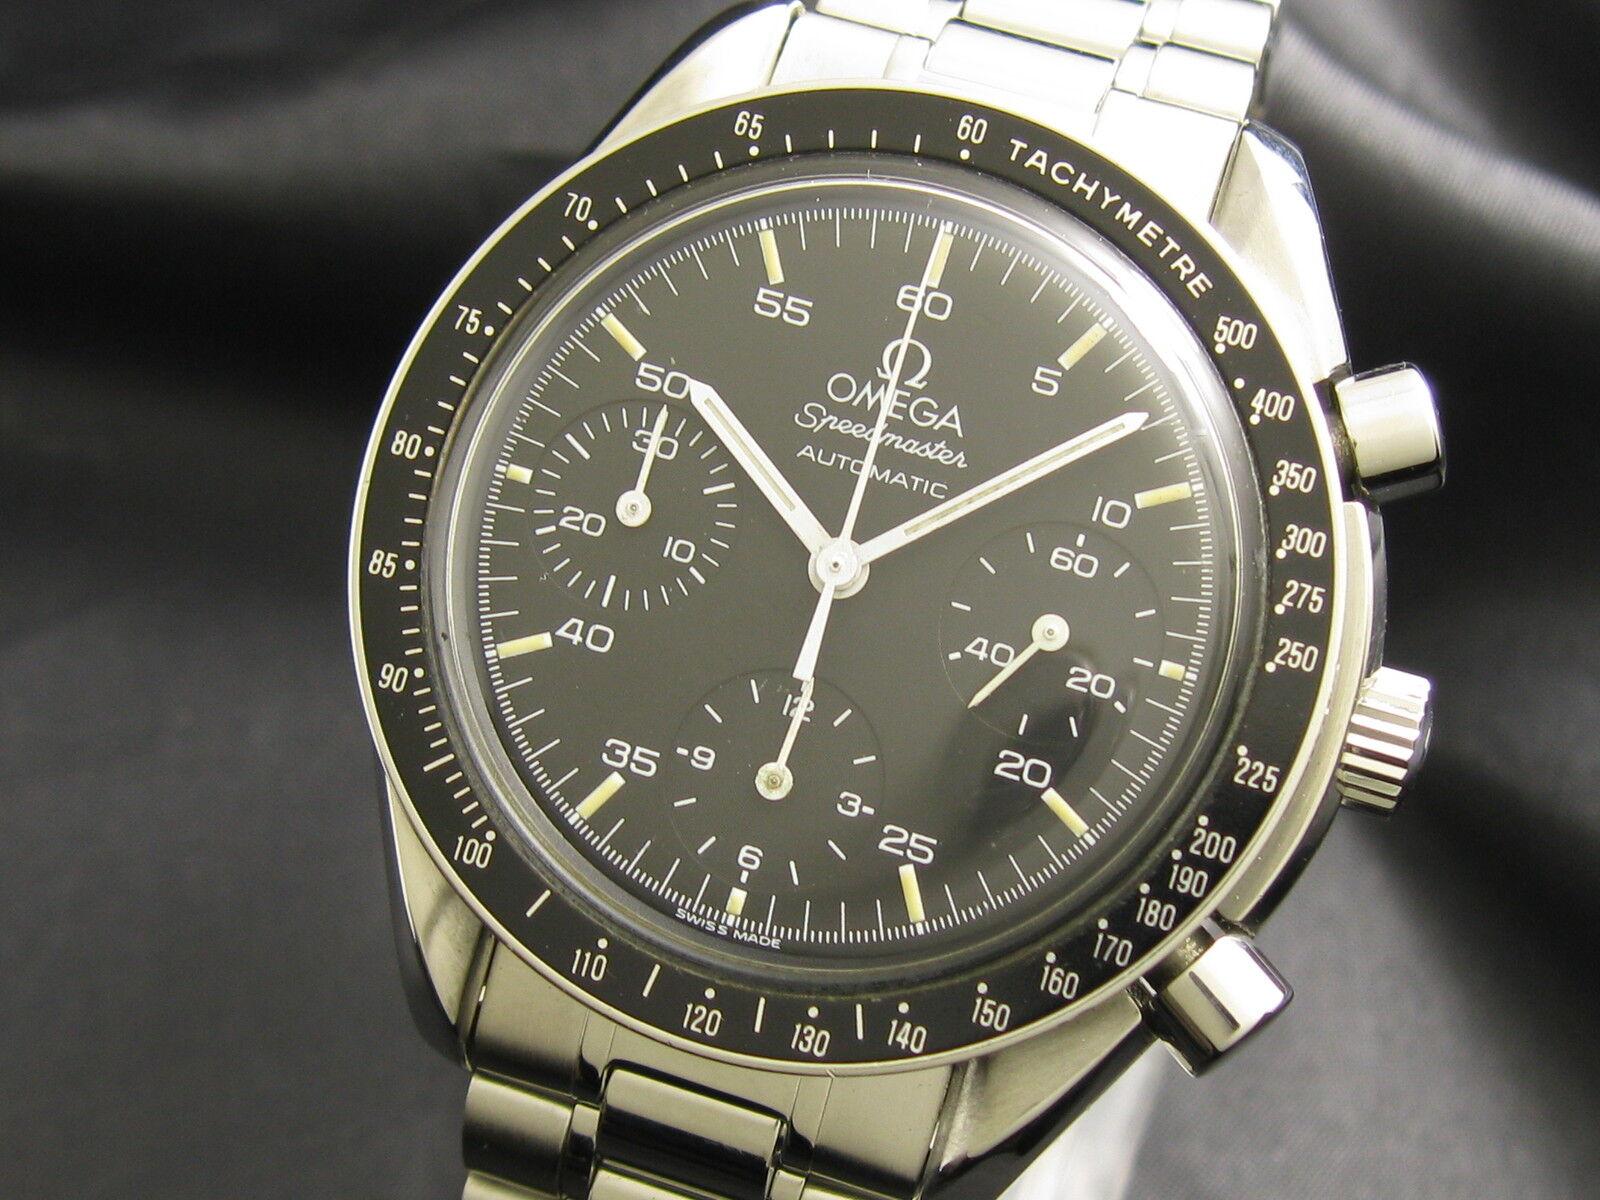 Valentino Finest Watches